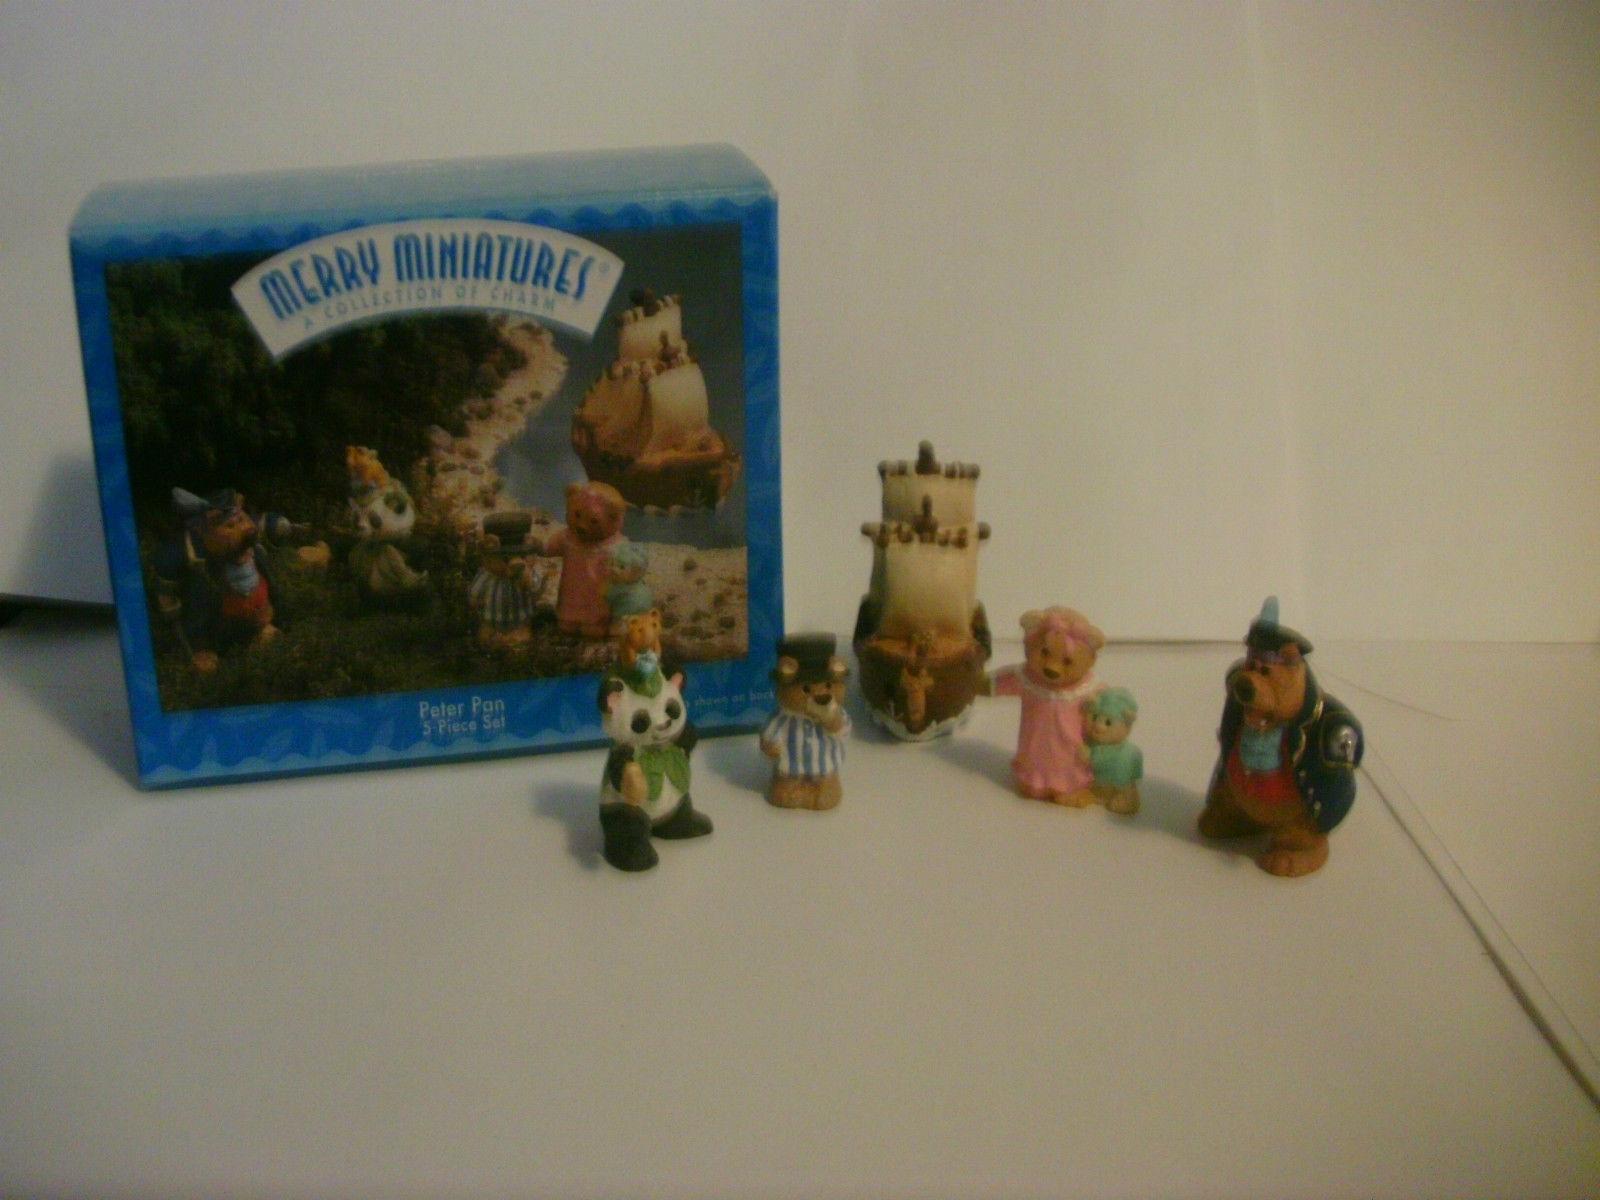 Hallmark Merry Miniatures Peter Pan 5 Piece Set 1997